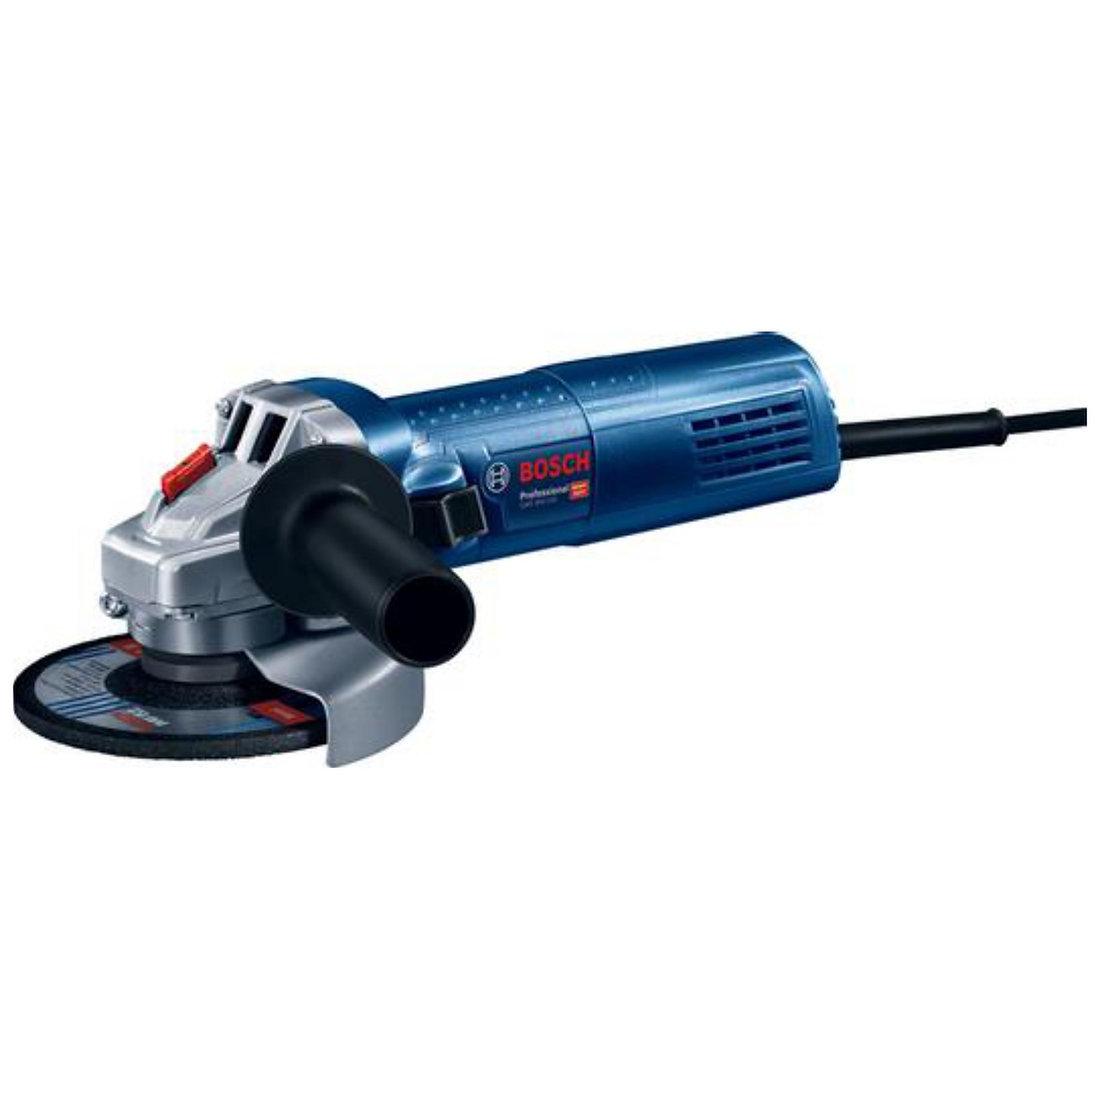 GWS 900-100 Professional